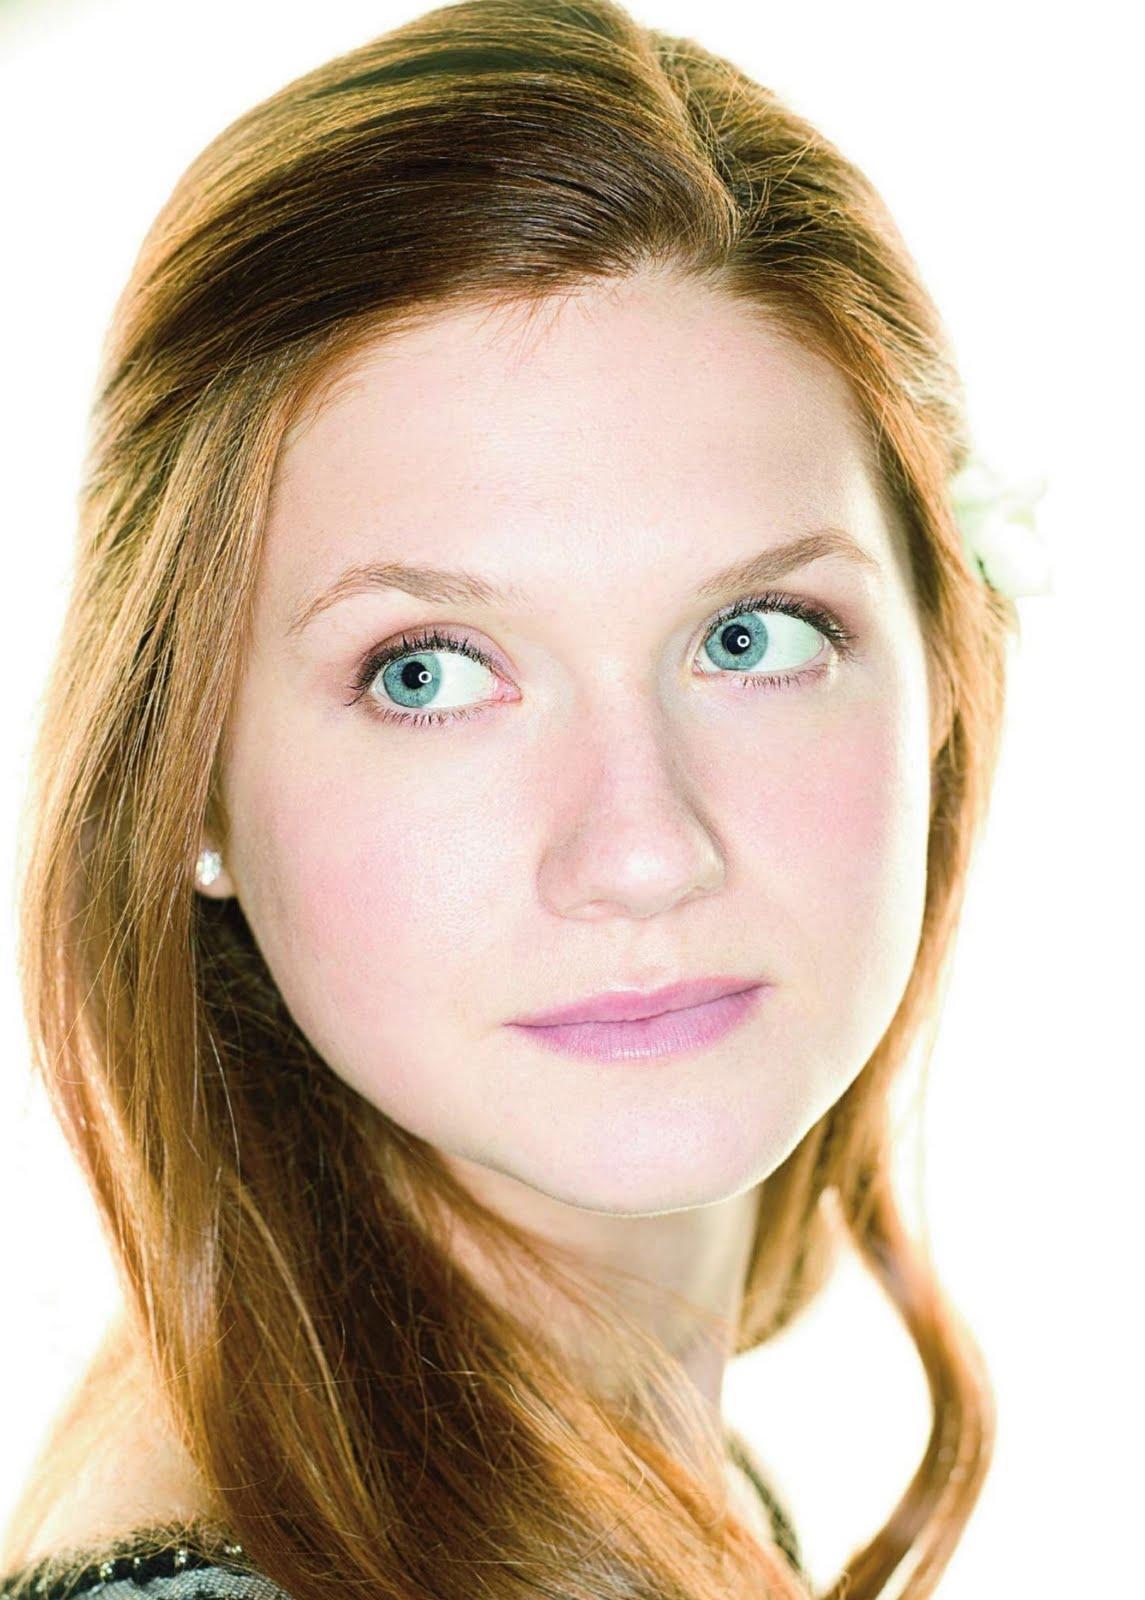 http://4.bp.blogspot.com/-saiJWpa8XzM/TbbXQwq03AI/AAAAAAAAAX4/rJ2RkN2uY94/s1600/Bonnie+Wright.jpg